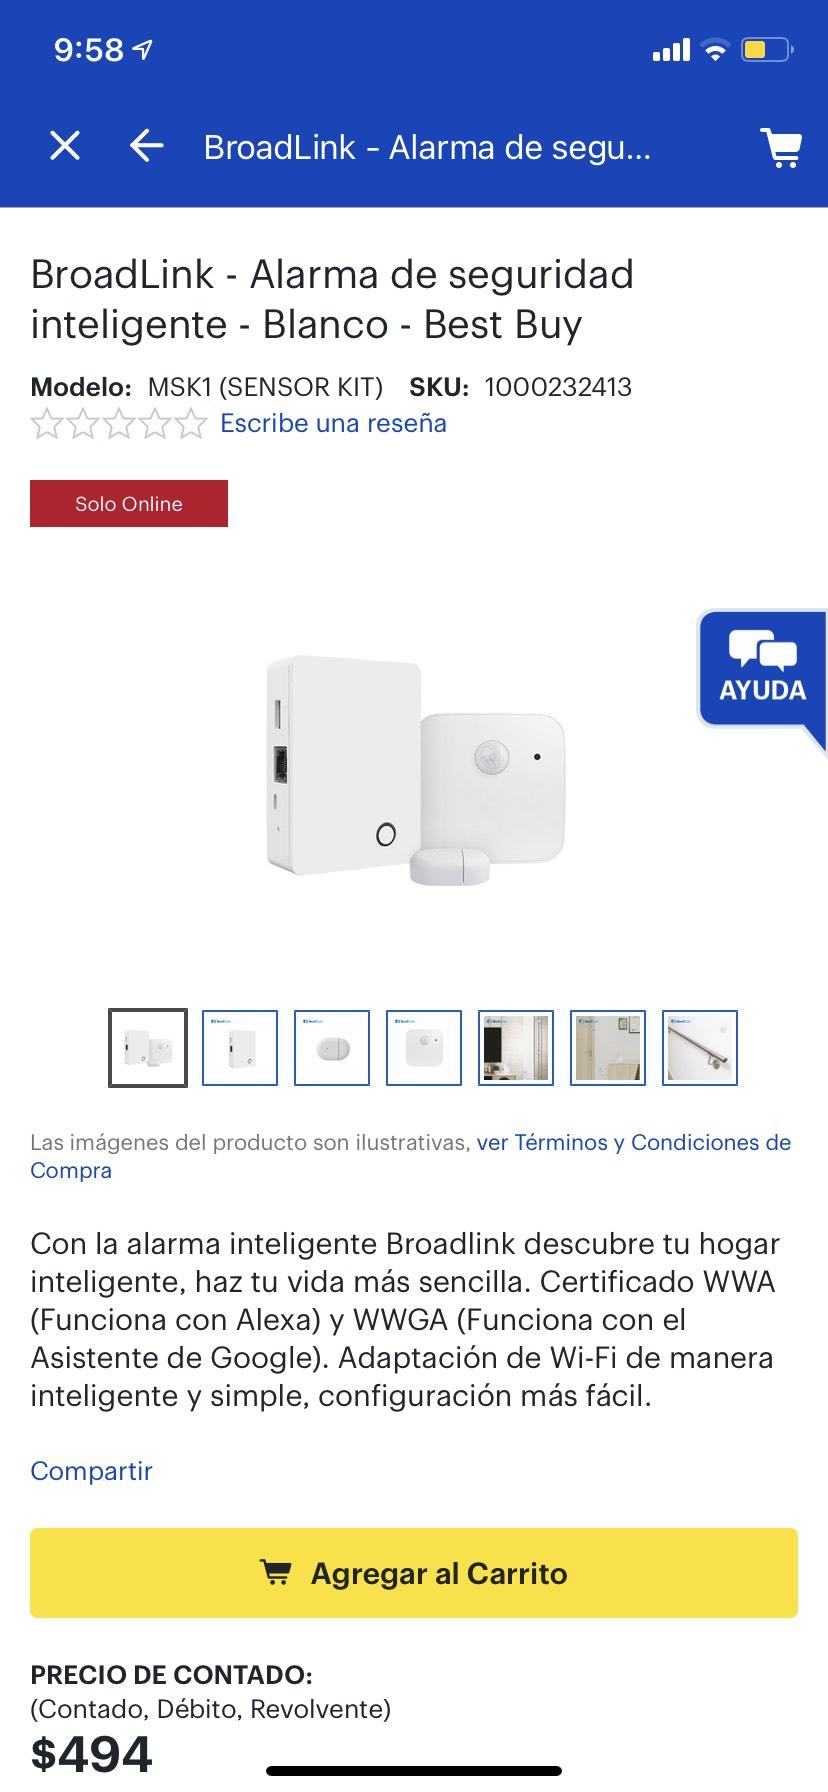 Best Buy: Alarma de Seguridad Inteligente (Alexa)